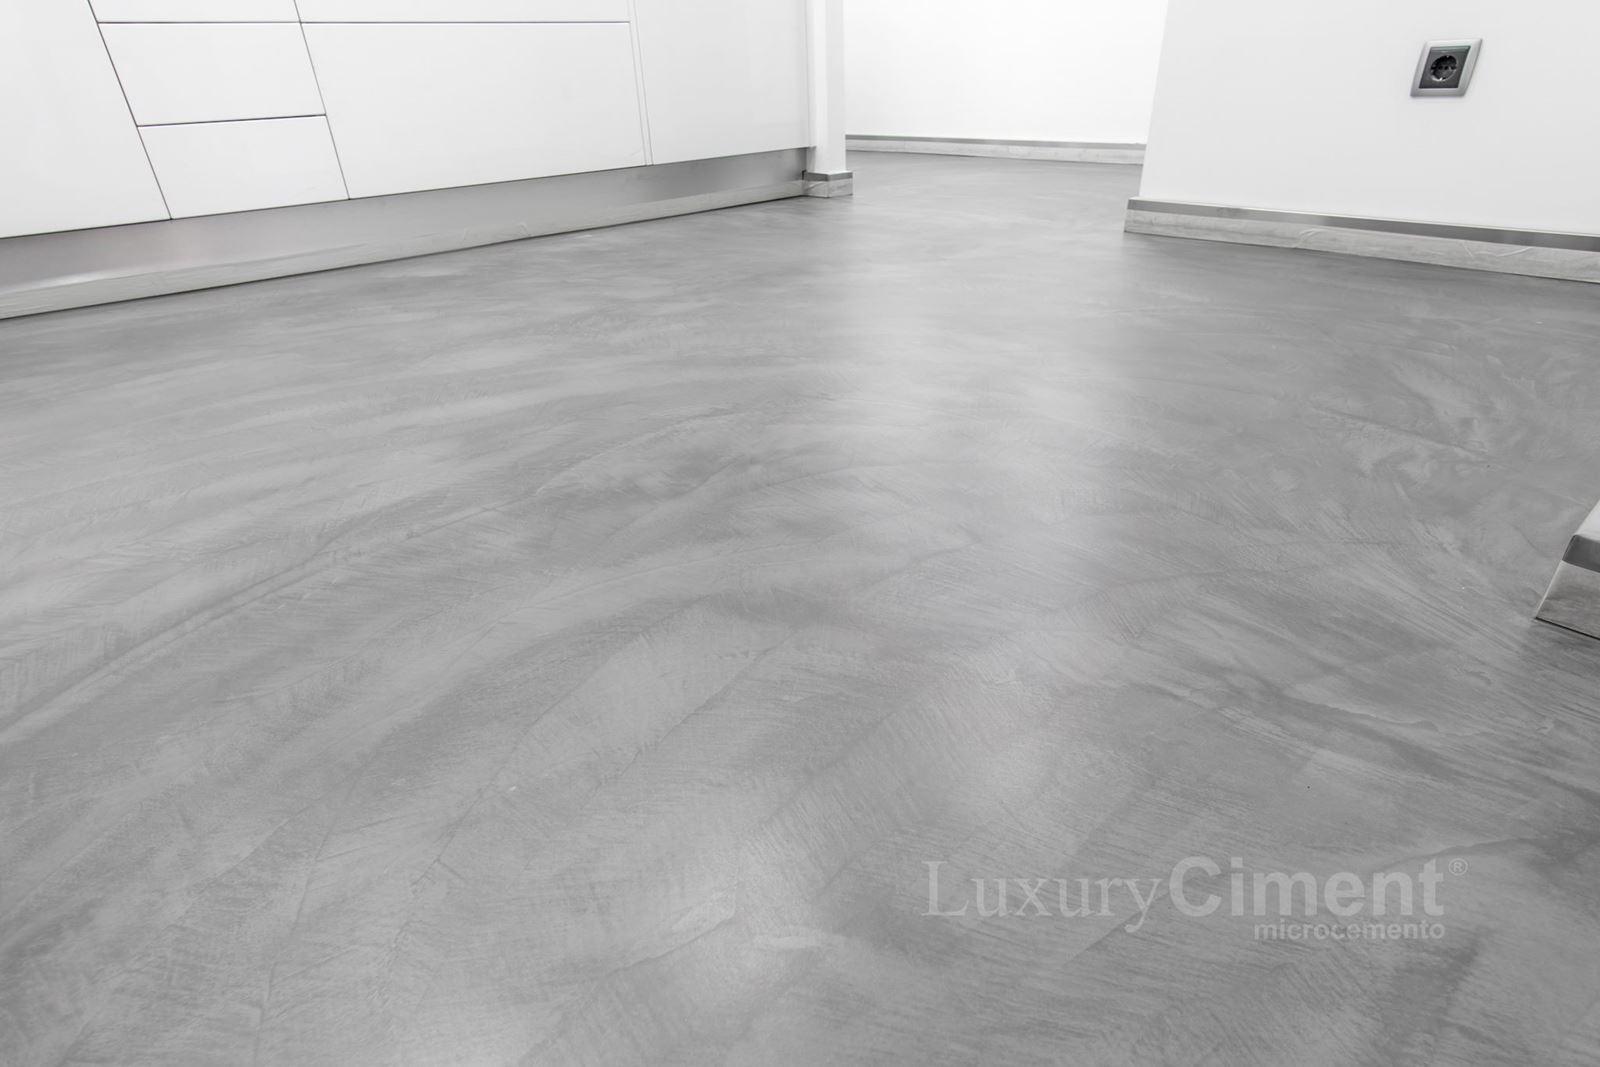 Microcemento en suelos paredes ba os cocinas para for Revestimiento sintetico para banos